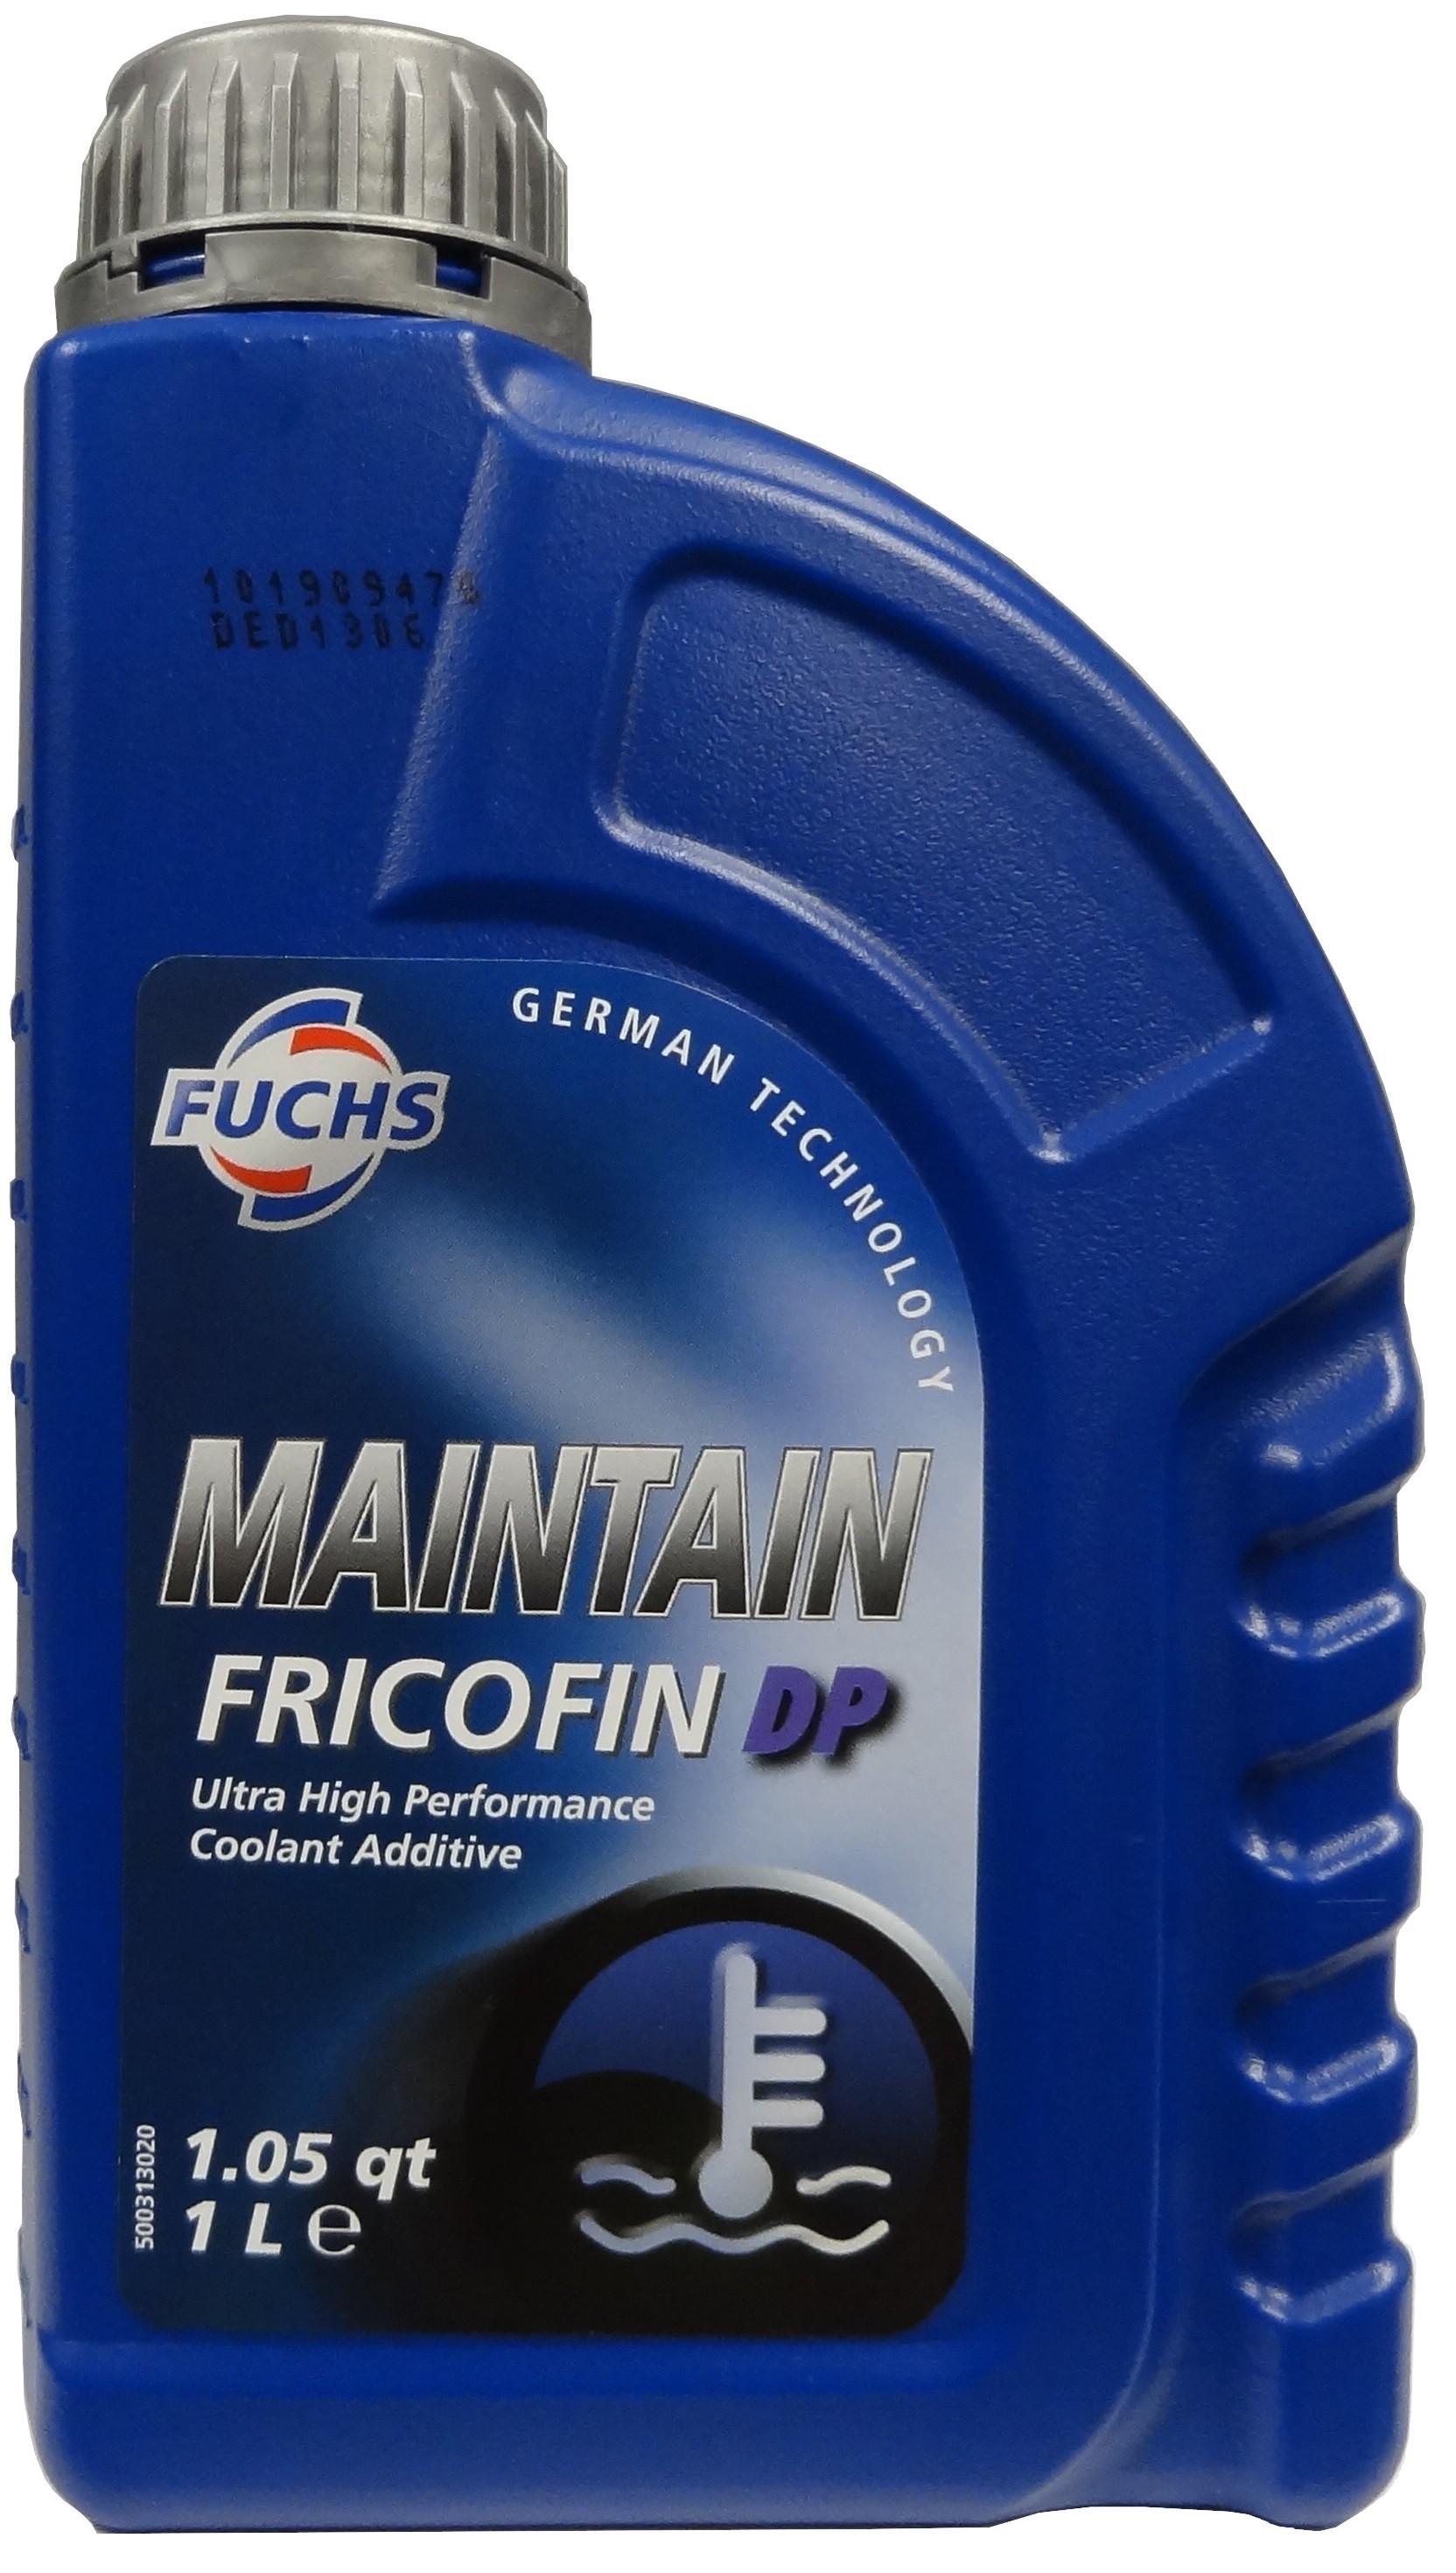 FUCHS MAINTAIN FRICOFIN DP 1L